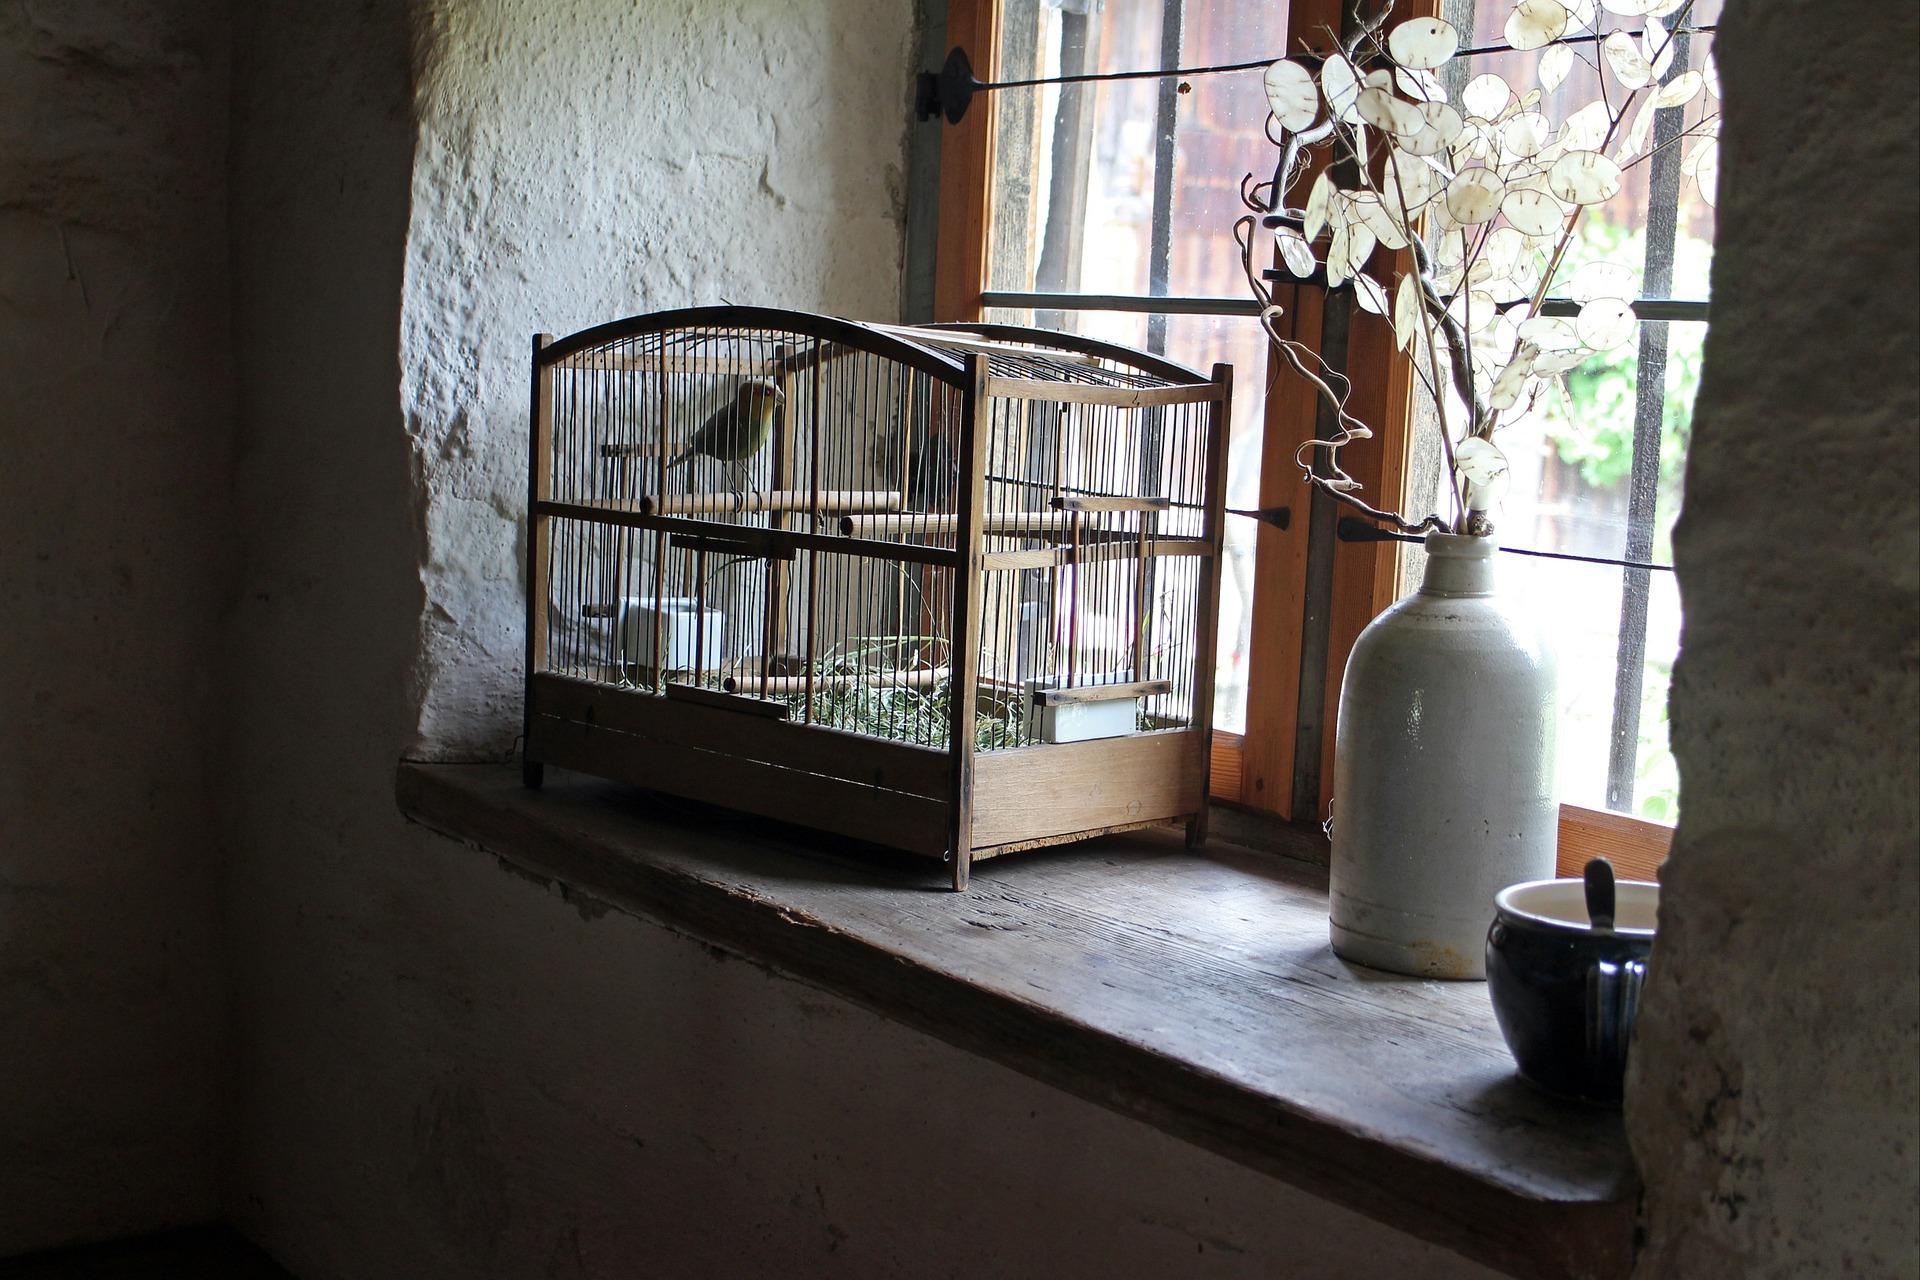 bird-cage-402205_1920.jpg